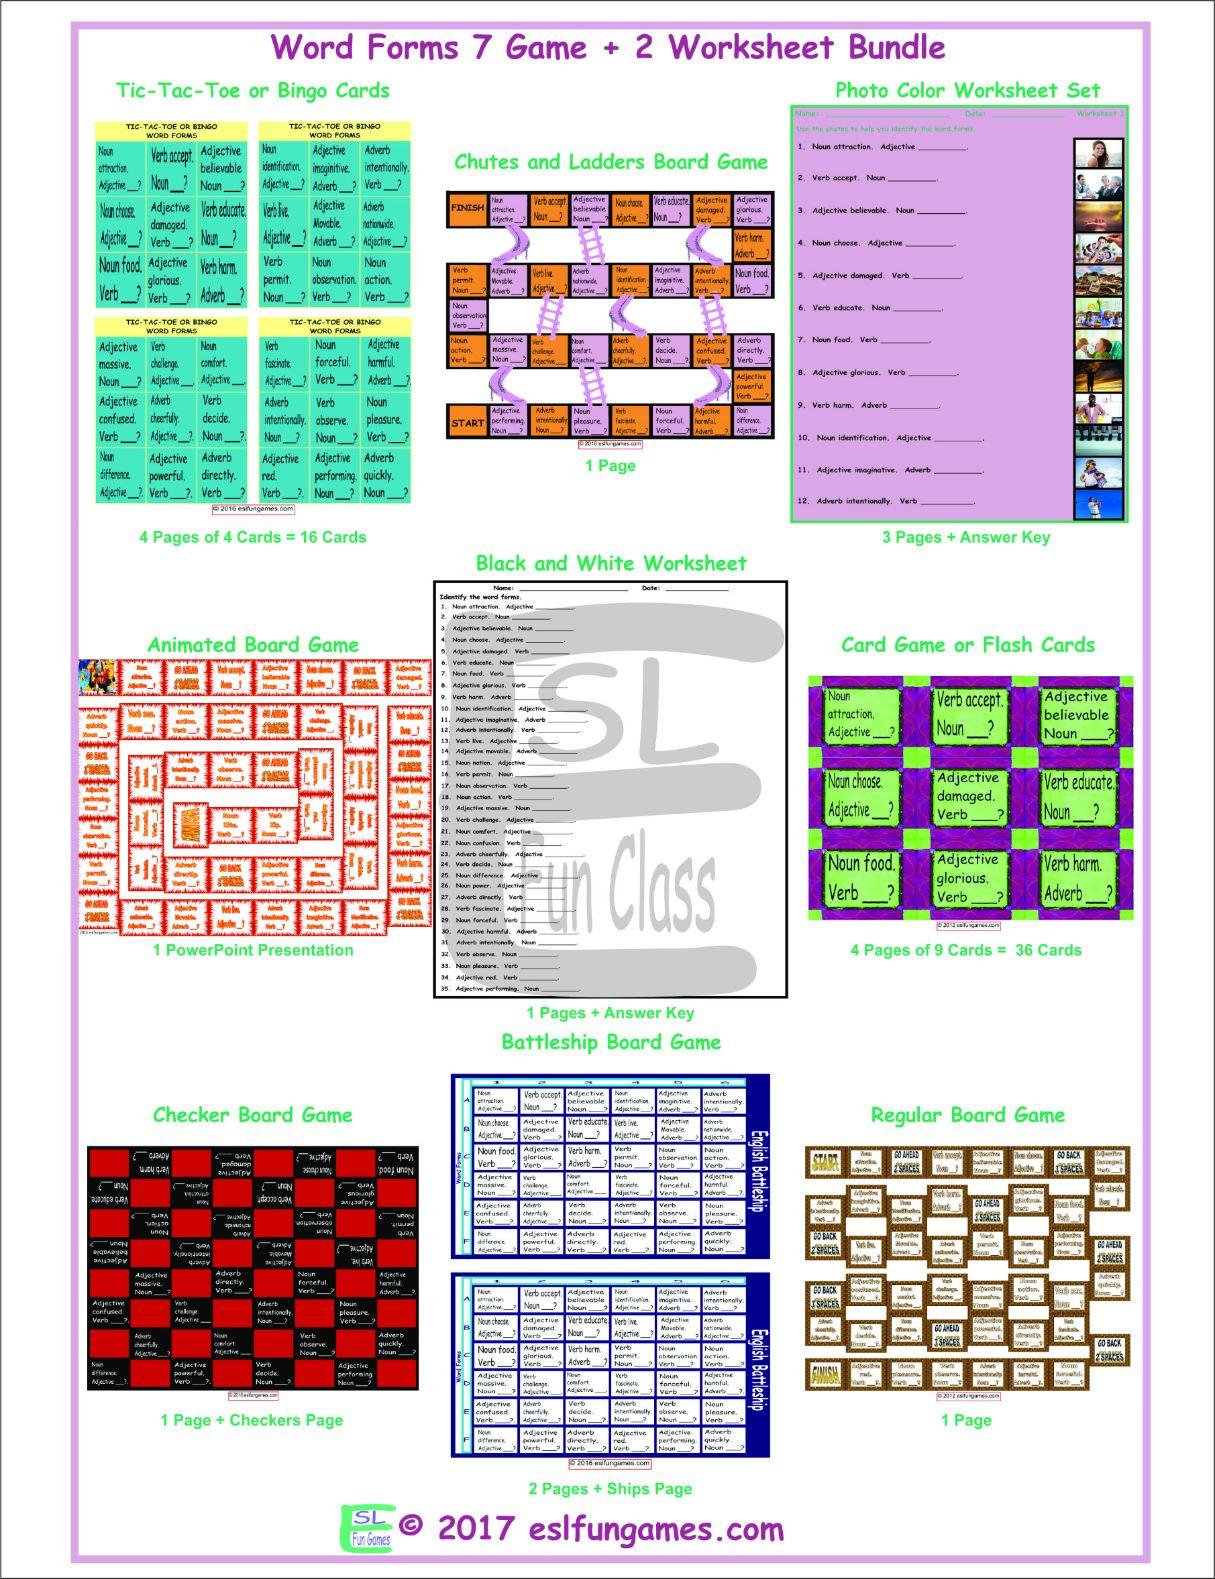 Word Forms 7 Game Plus 2 Worksheet Bundle